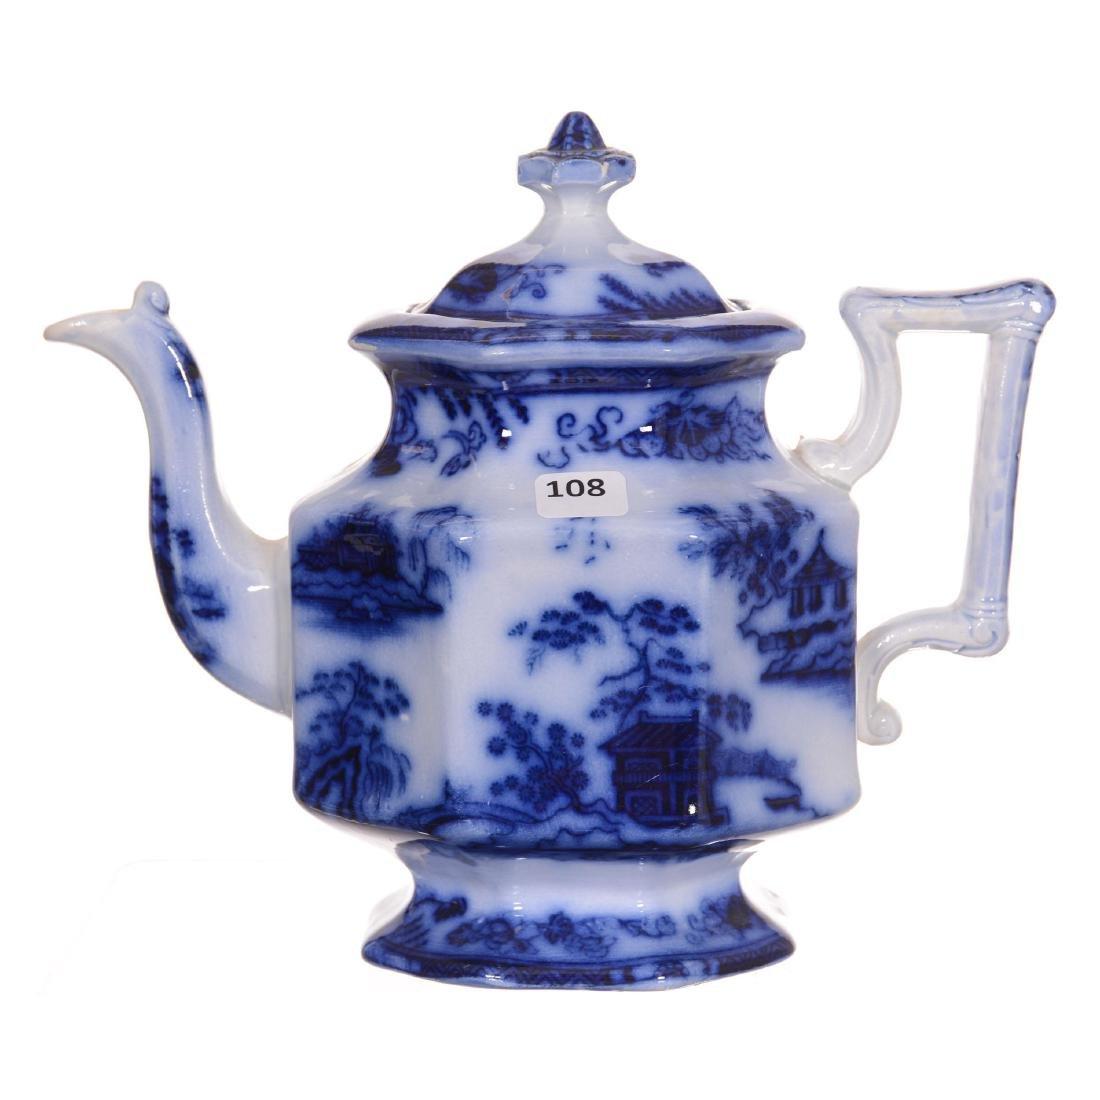 Flow Blue Hong Kong Pattern Tea Pot - 2